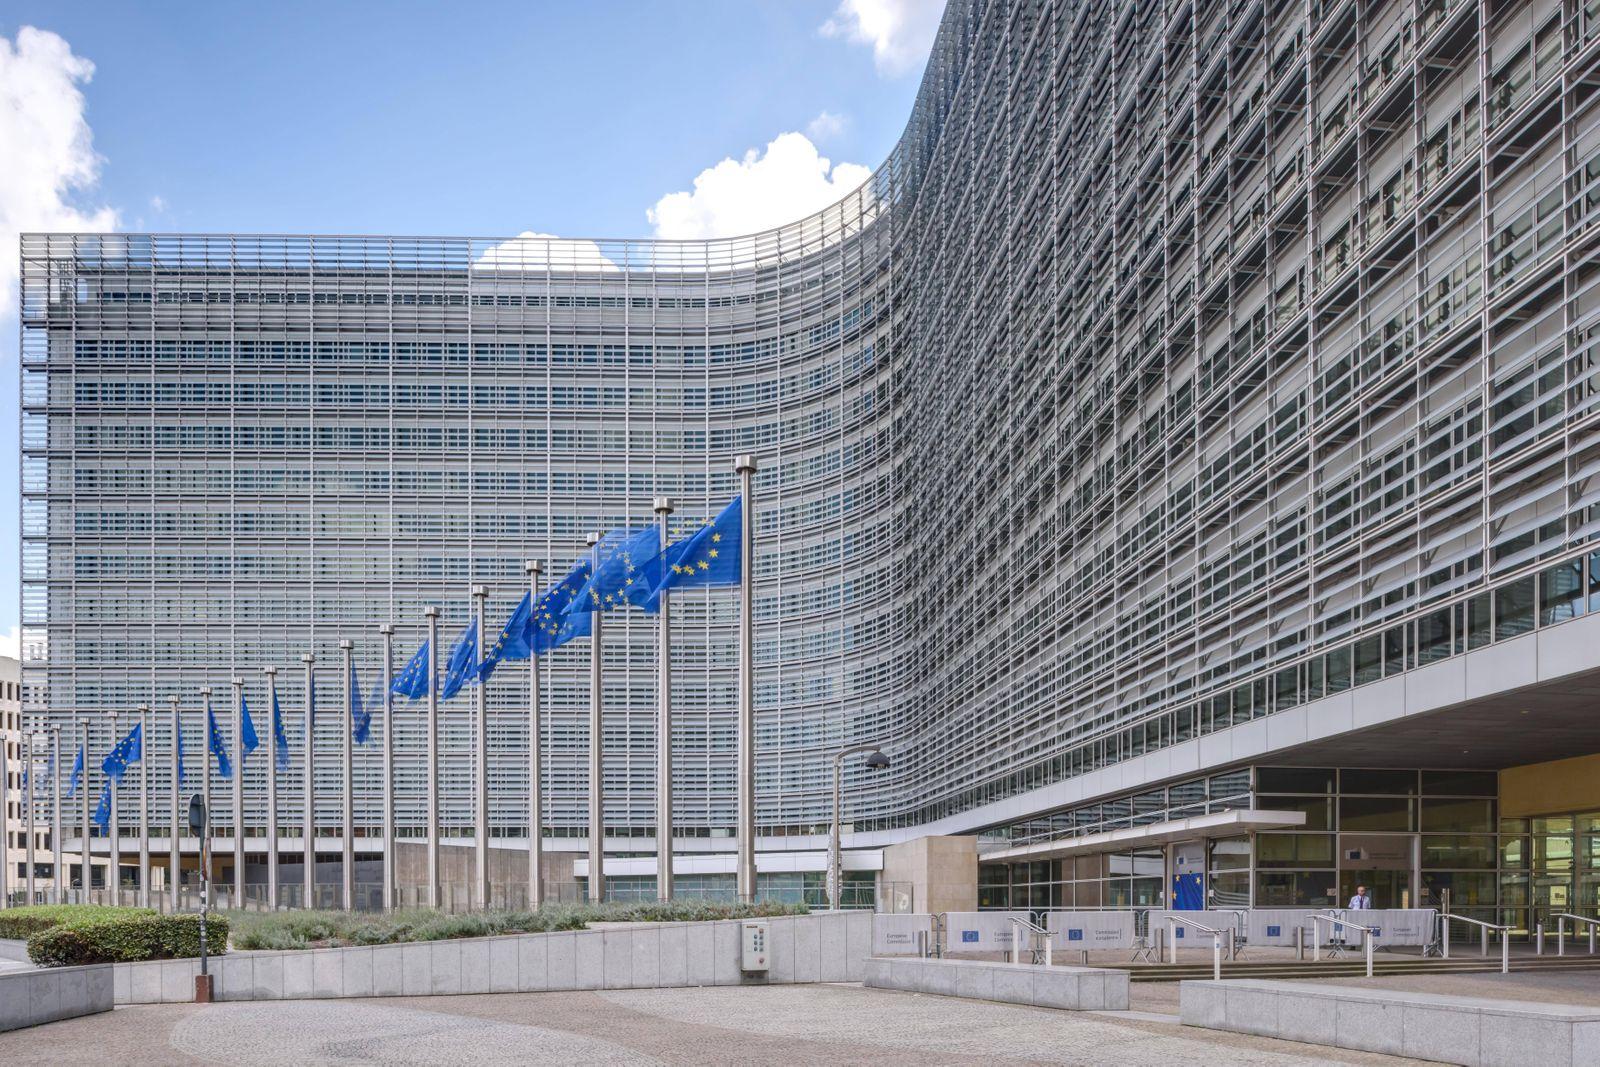 Brüssel Europaviertel Europäische Kommission Berlaymont Gebäude Das 1963 bis 1967 erbaute Berlaym